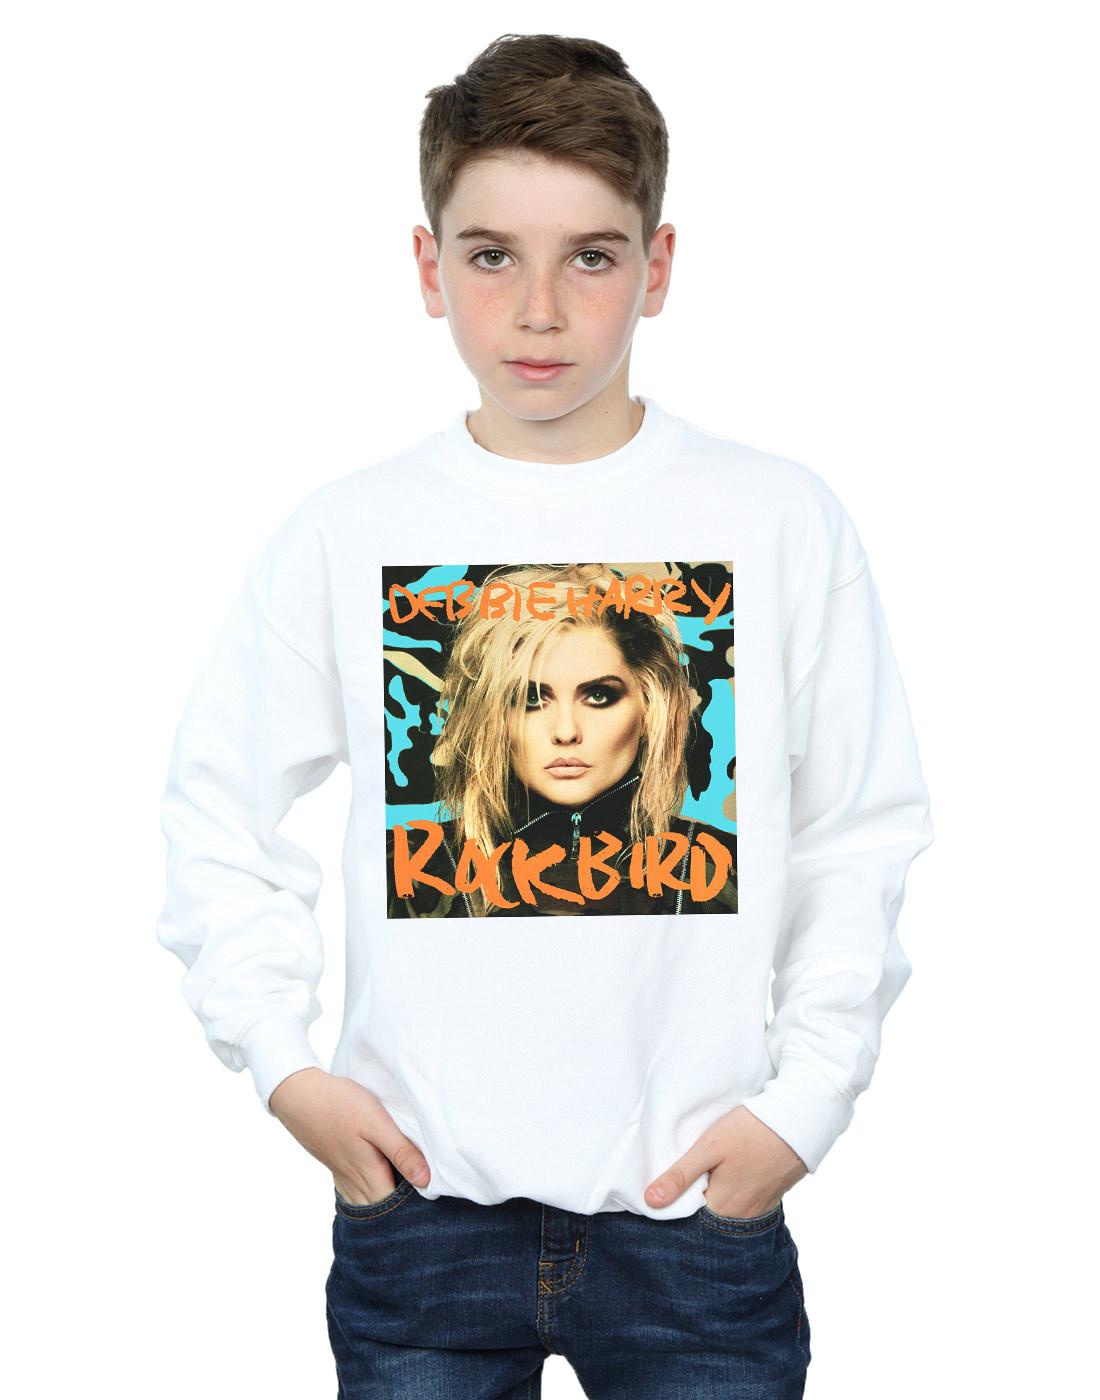 Debbie-Harry-Ninos-Rockbird-Cover-Camisa-De-Entrenamiento